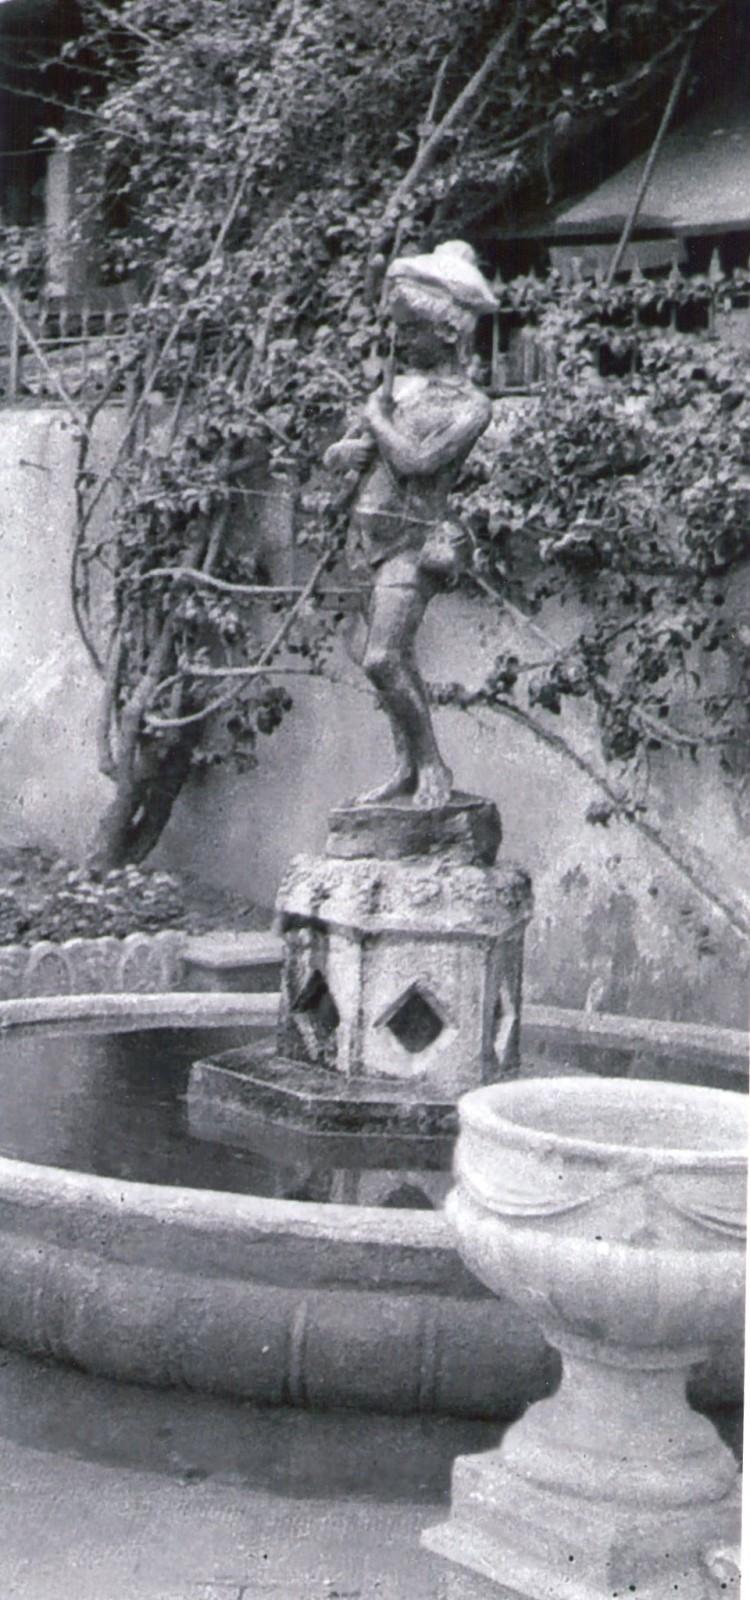 L'antica fonta del bambino che gioca col pesce